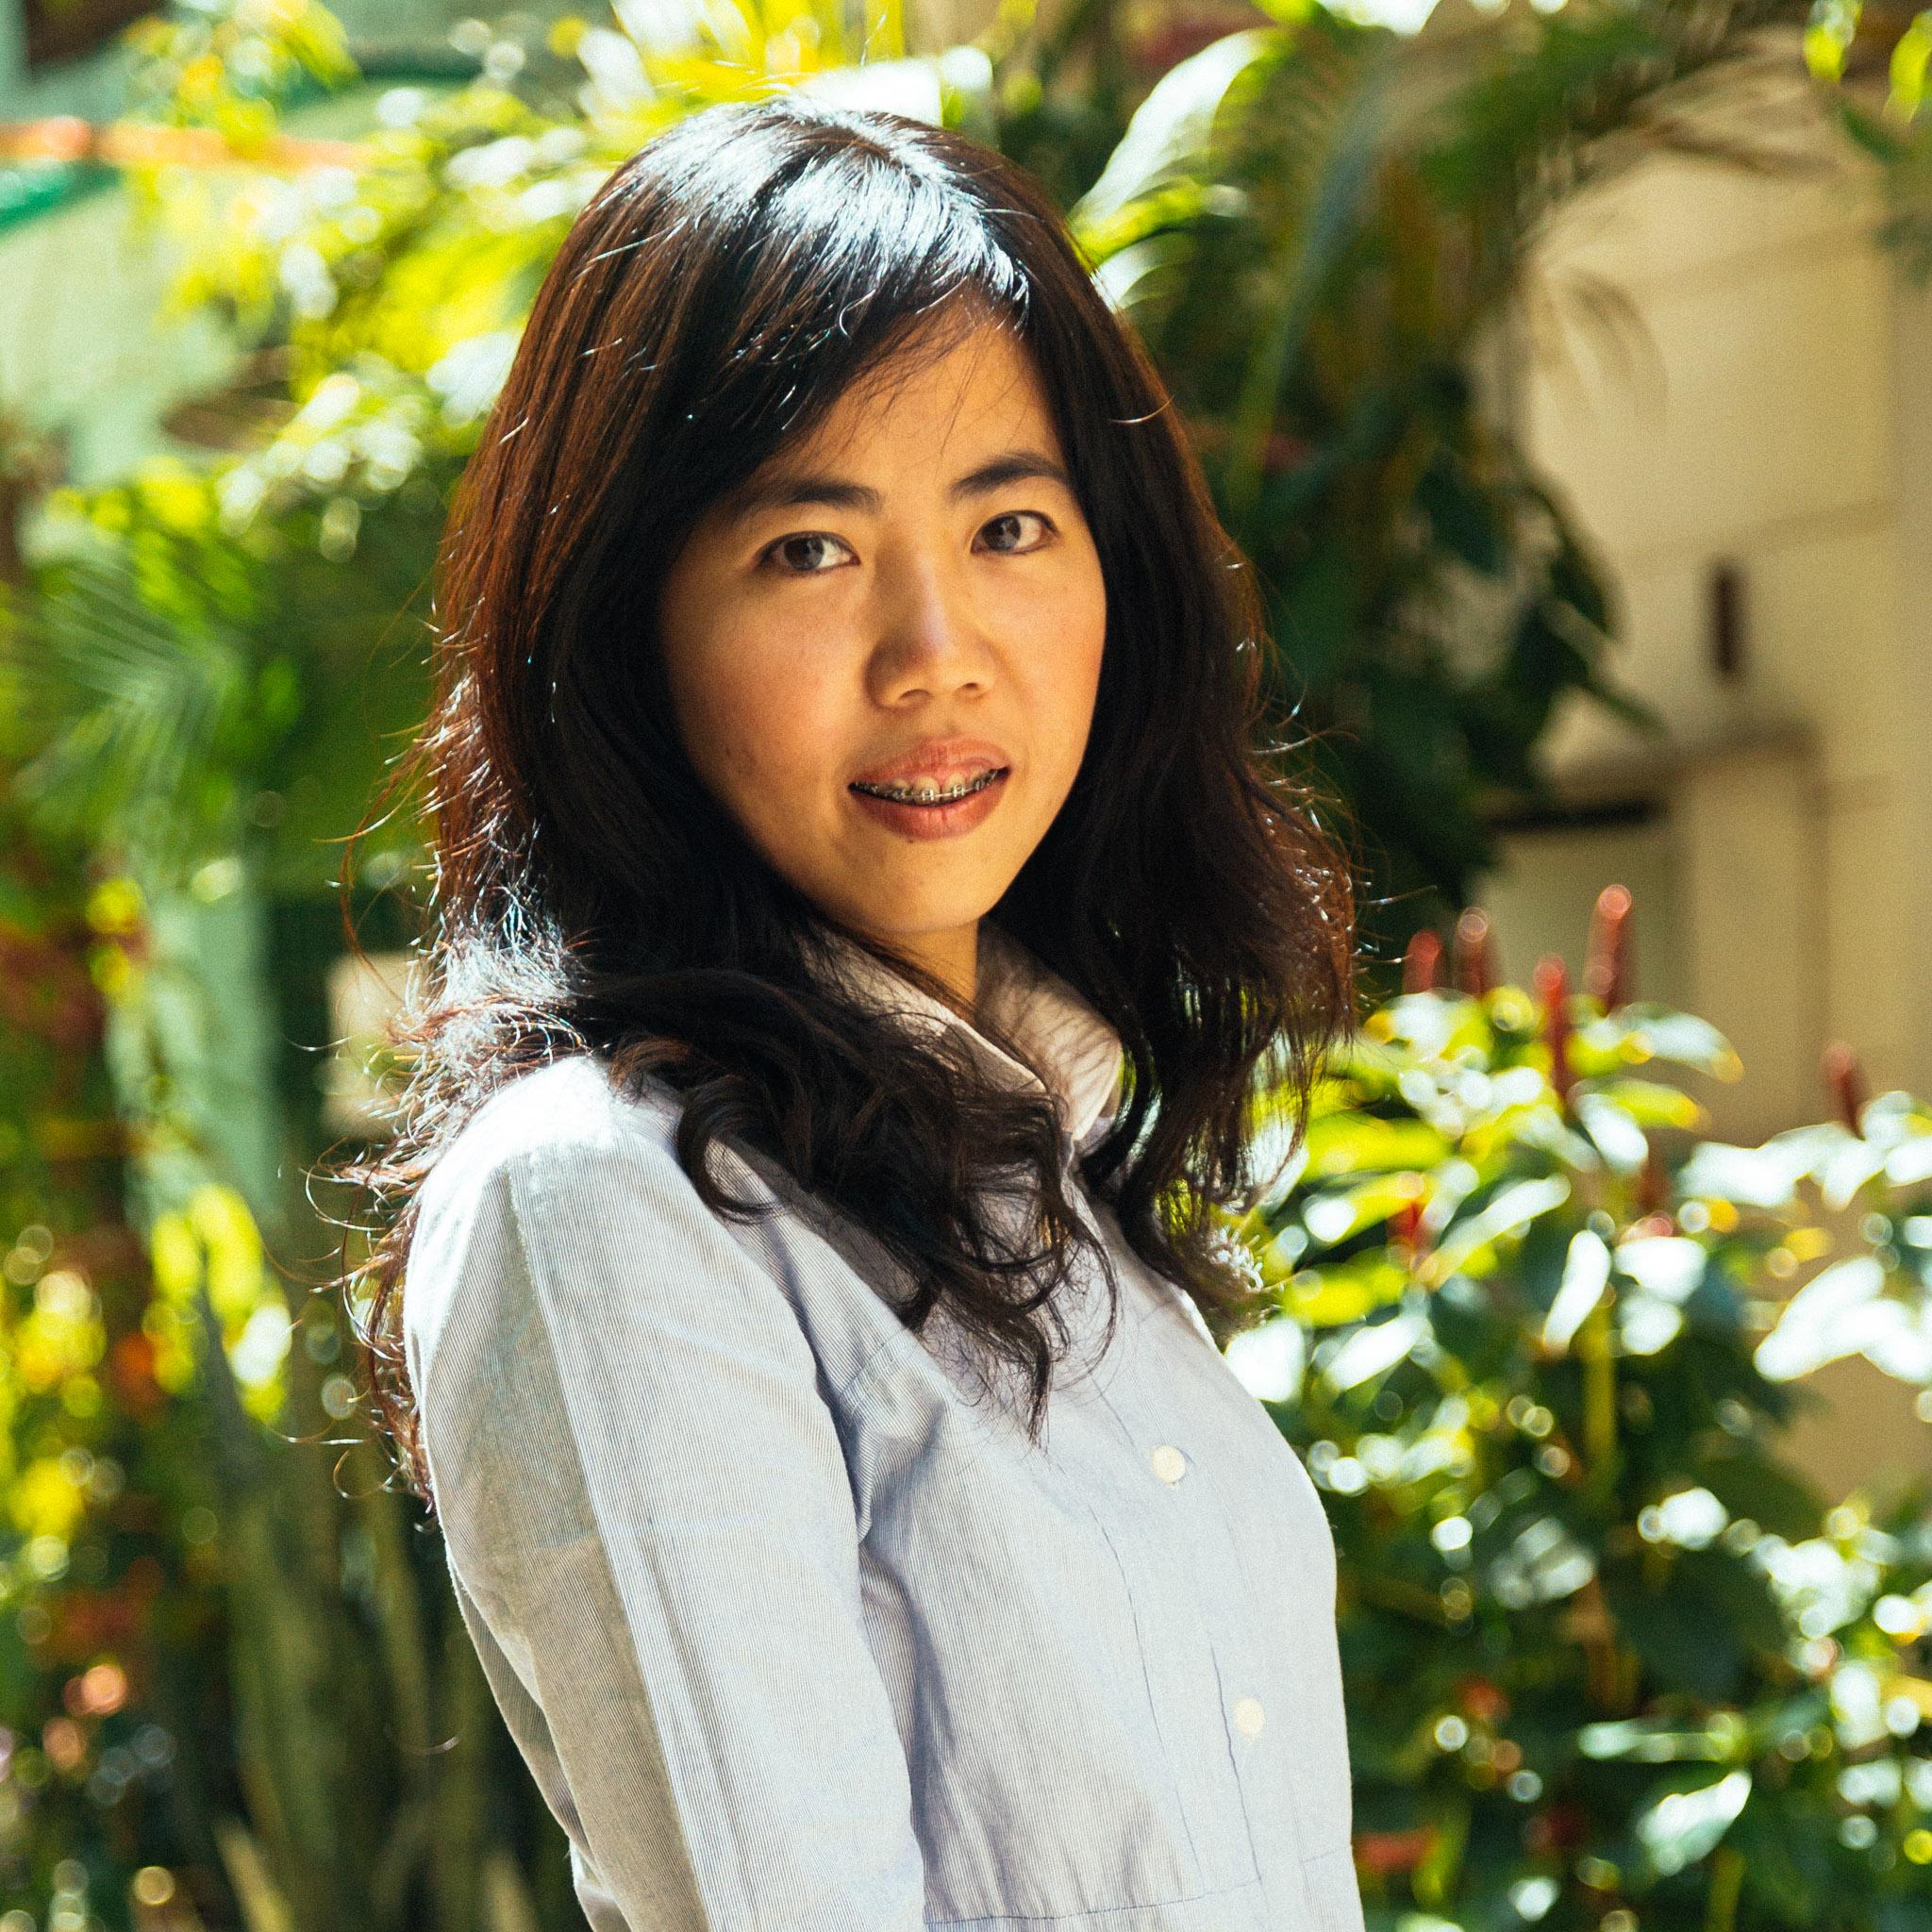 nake-vietnam-girl